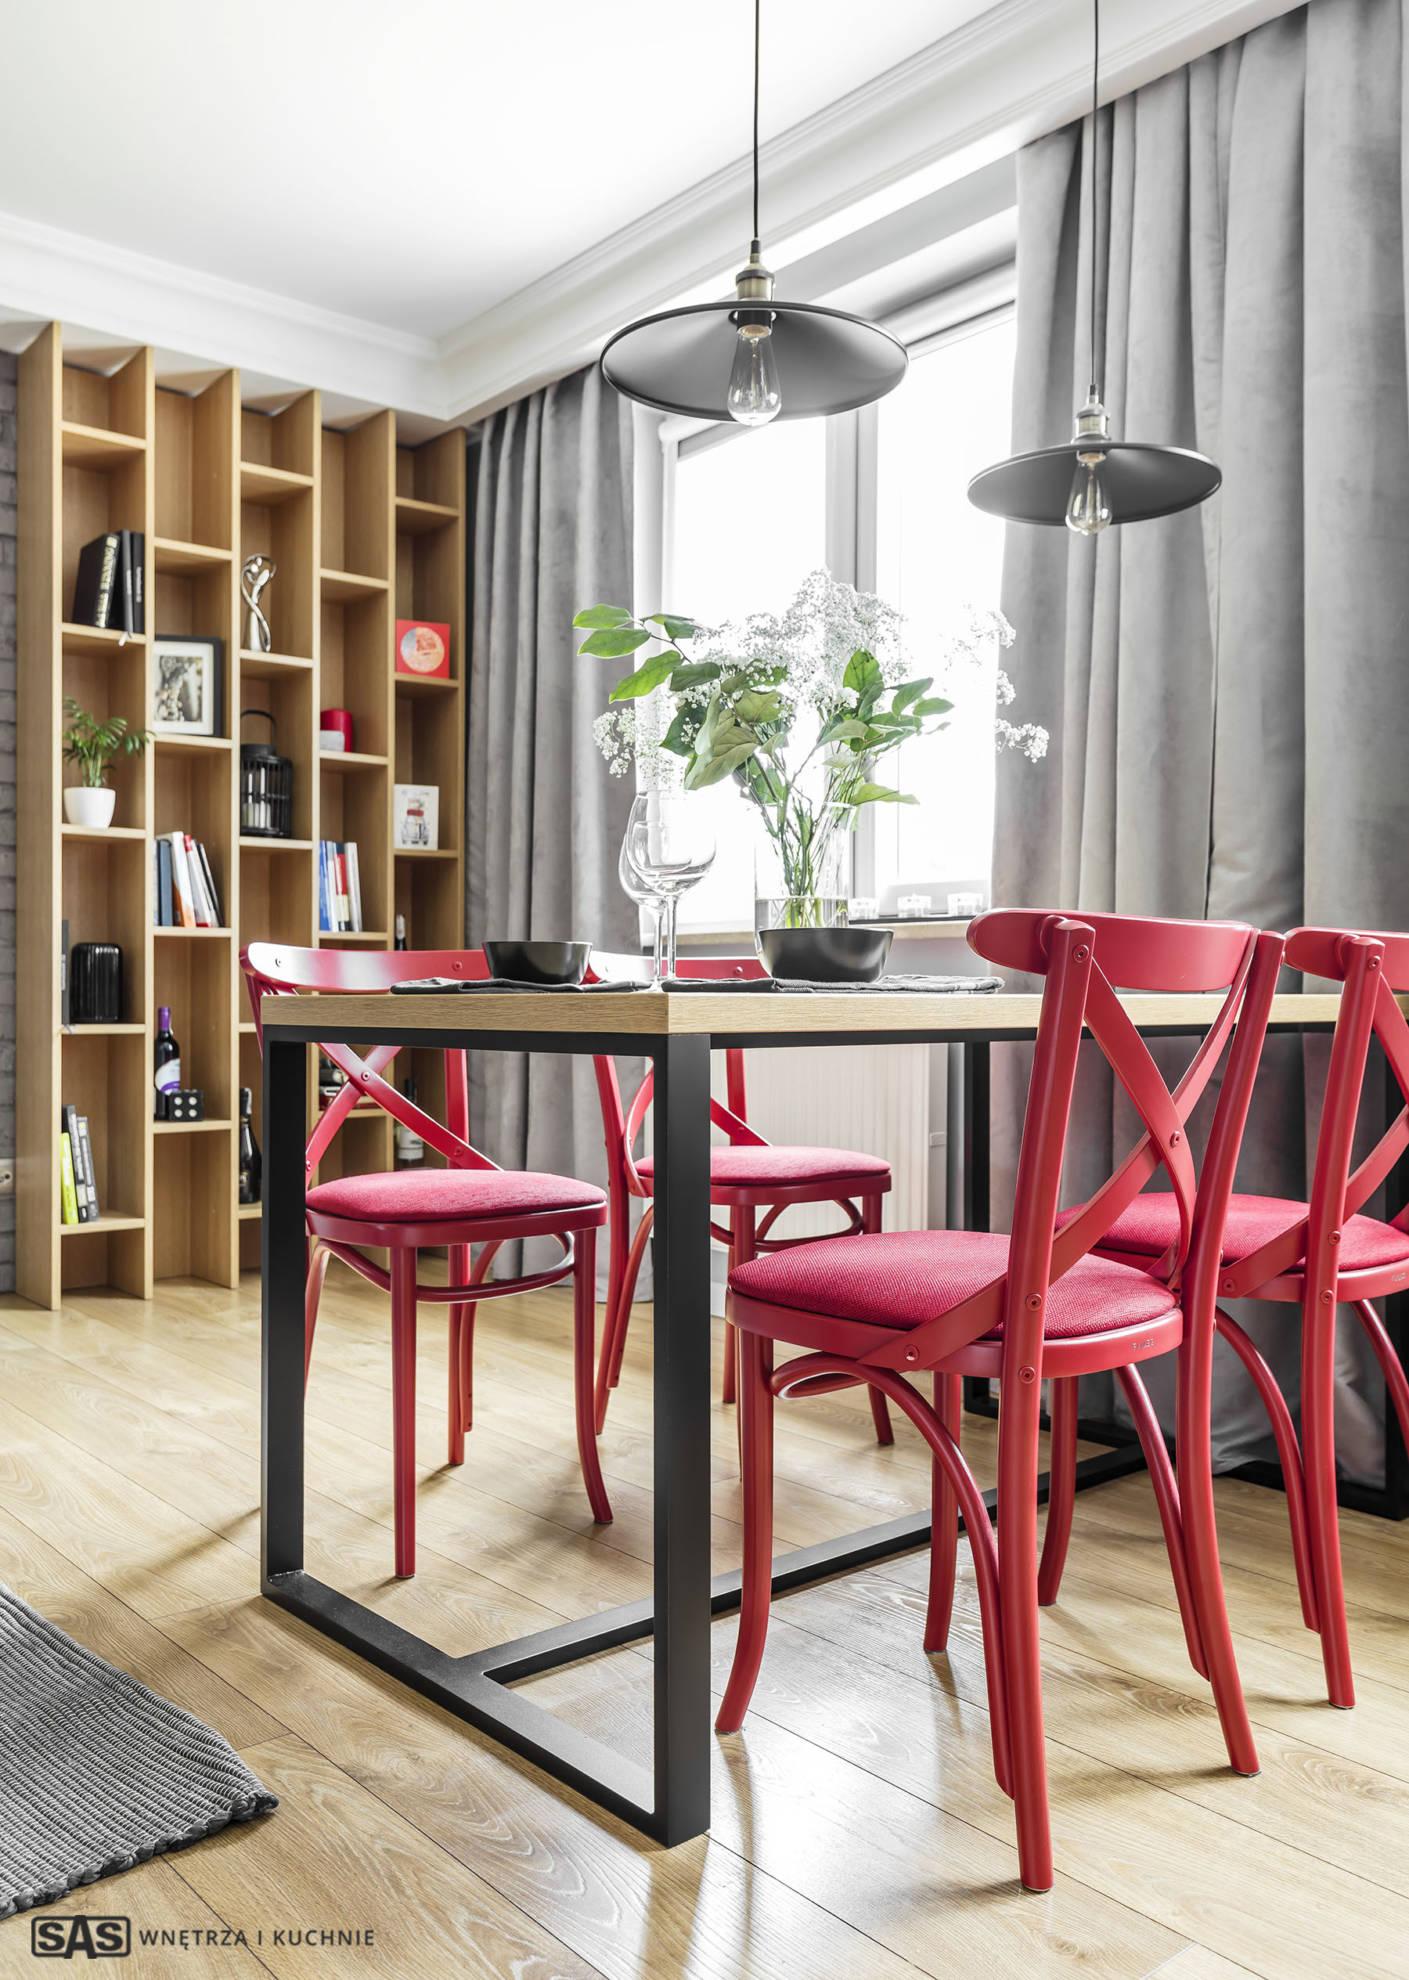 Aranżacja jadalni w strefie dziennej i wypoczynkowej - regał na wymiar wykonanie SAS Wnętrze i Kuchnie - projekt architekt wnętrz Emilia Strzempek Plasun.